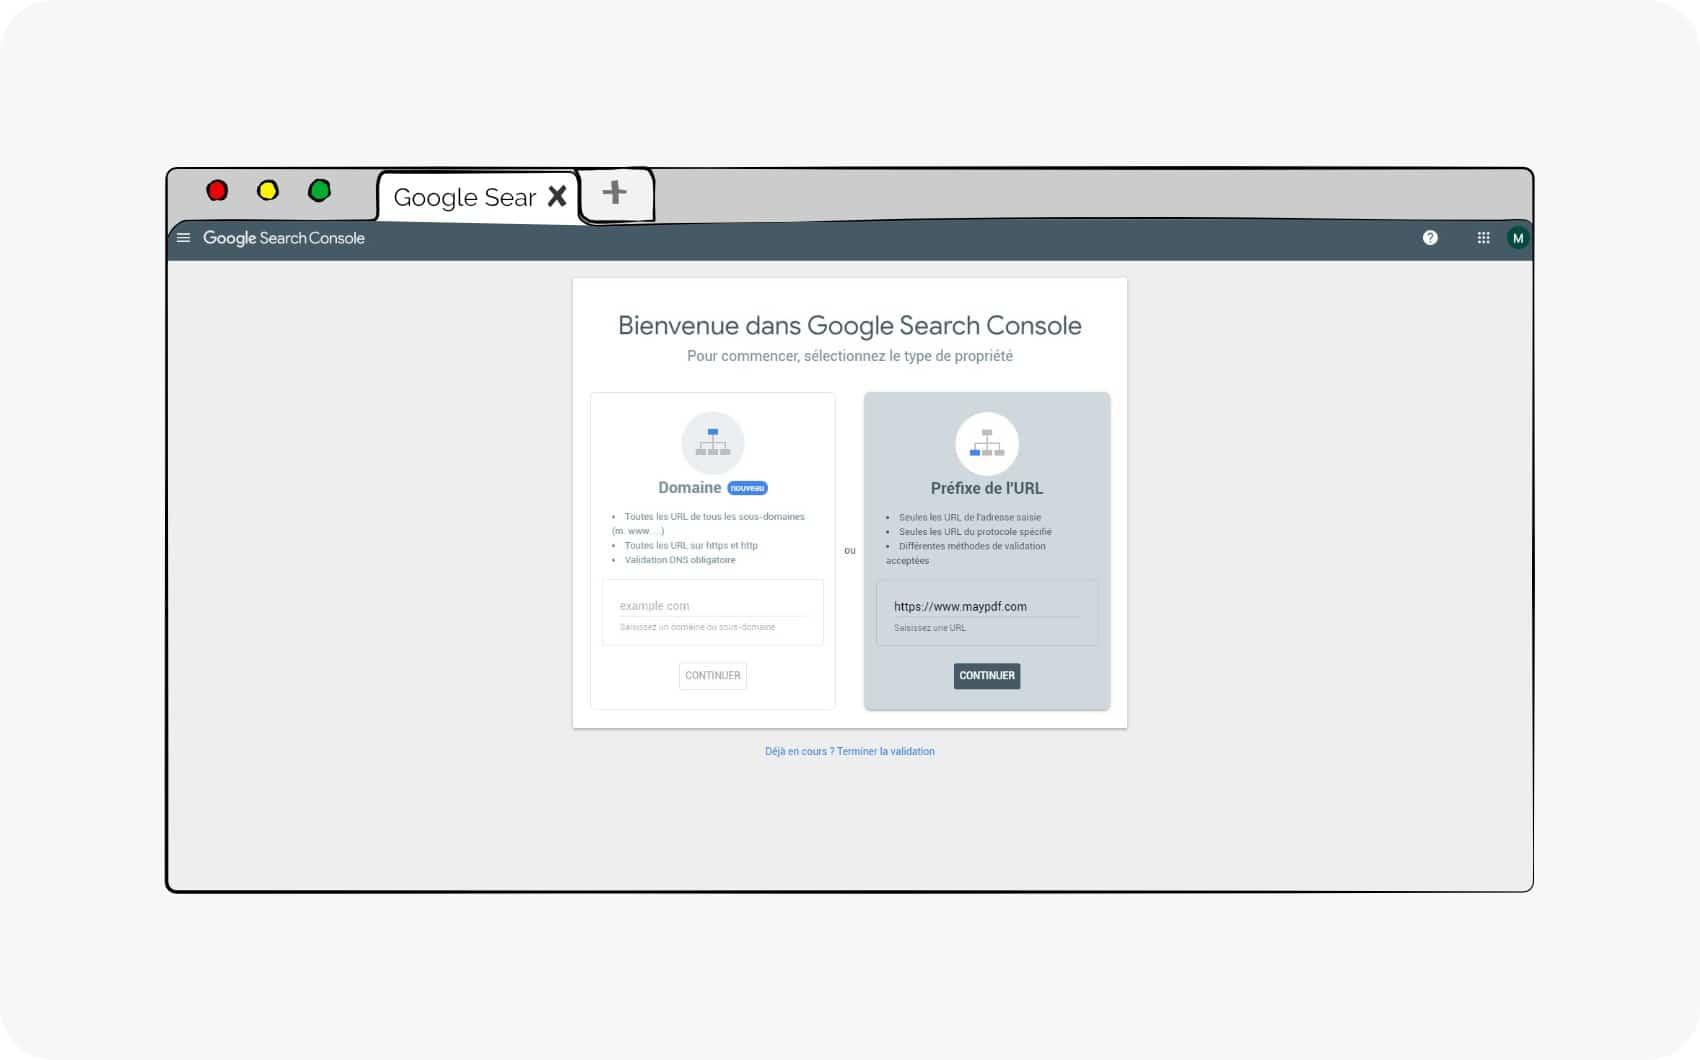 Entrez l'URL de votre site